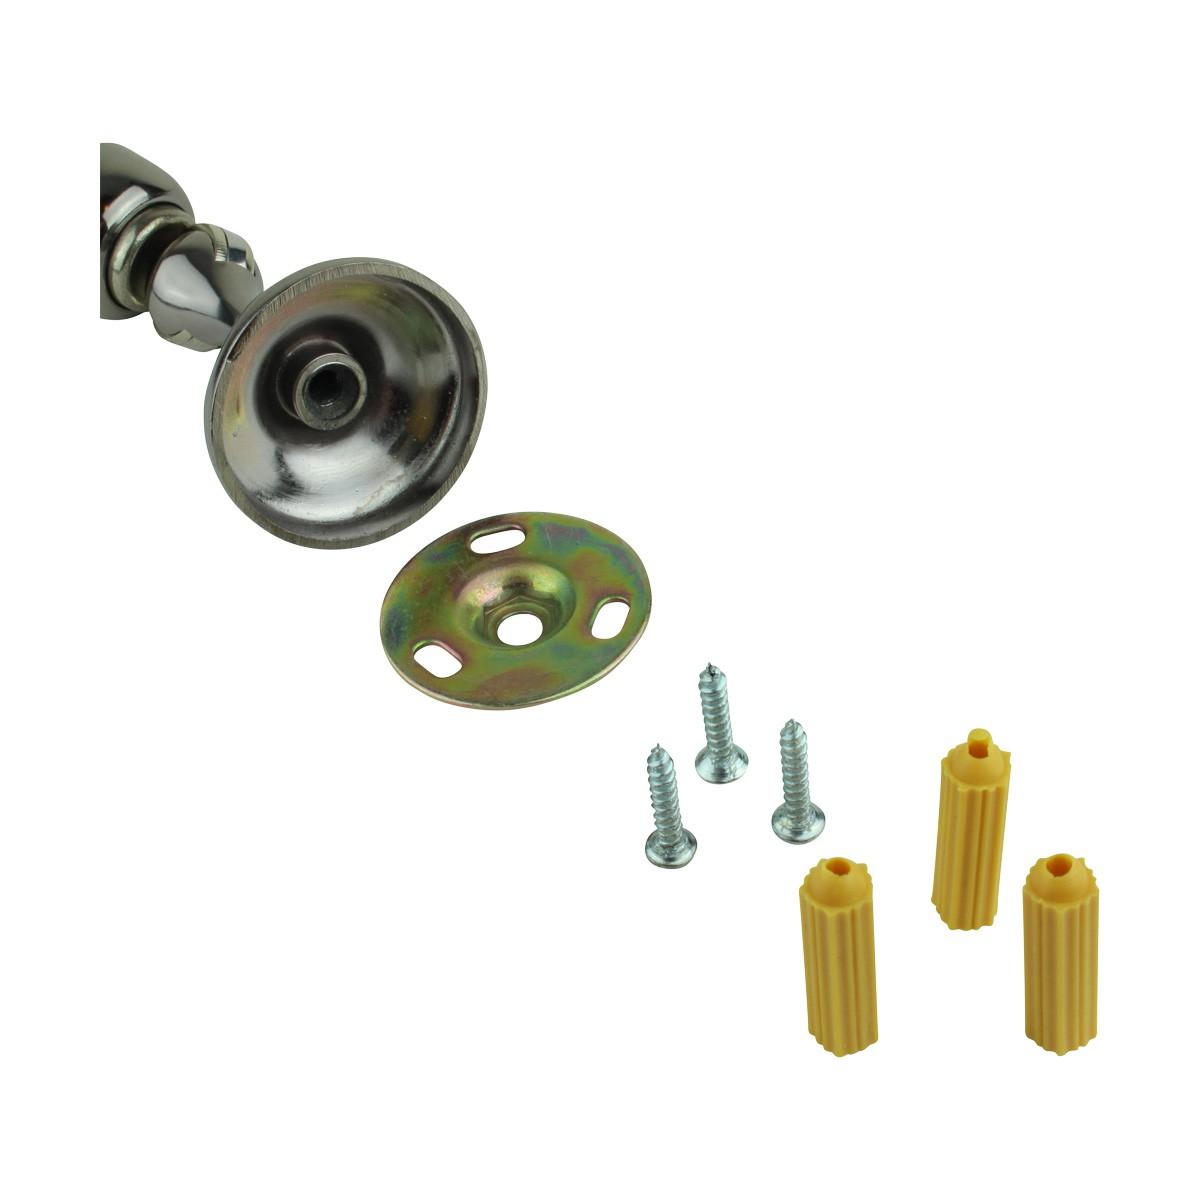 6 Magnetic Door Stop Safety Catch Black Nickel Zinc Alloy doorstop door bumper door holder